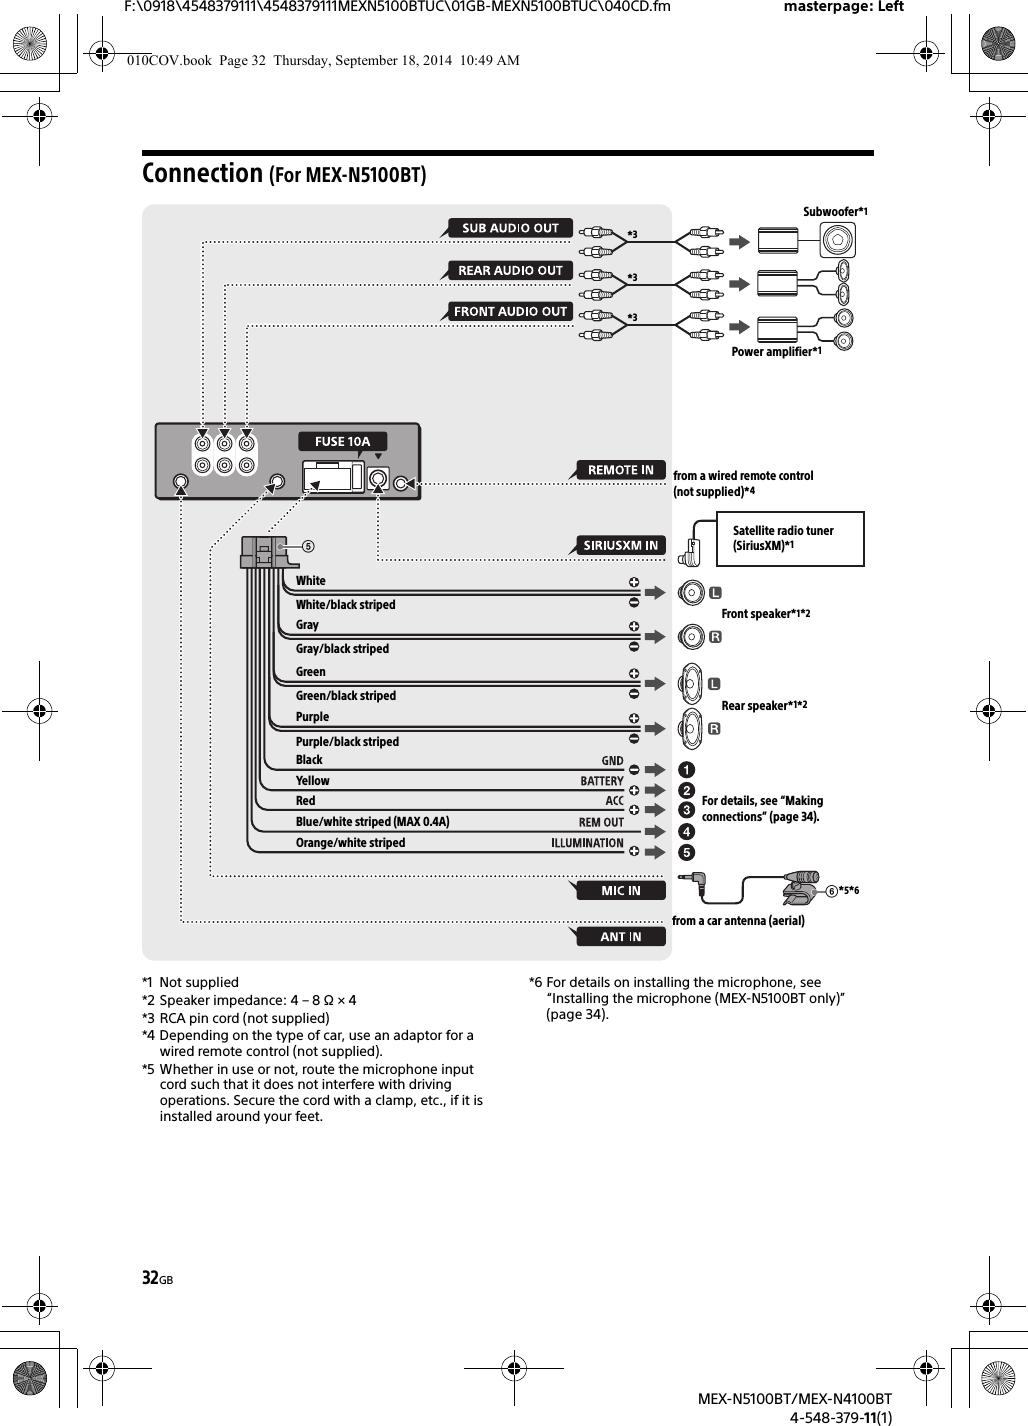 hight resolution of ev warrior wiring diagram wiring diagram and schematic 31x wiring rj31x jack wiring